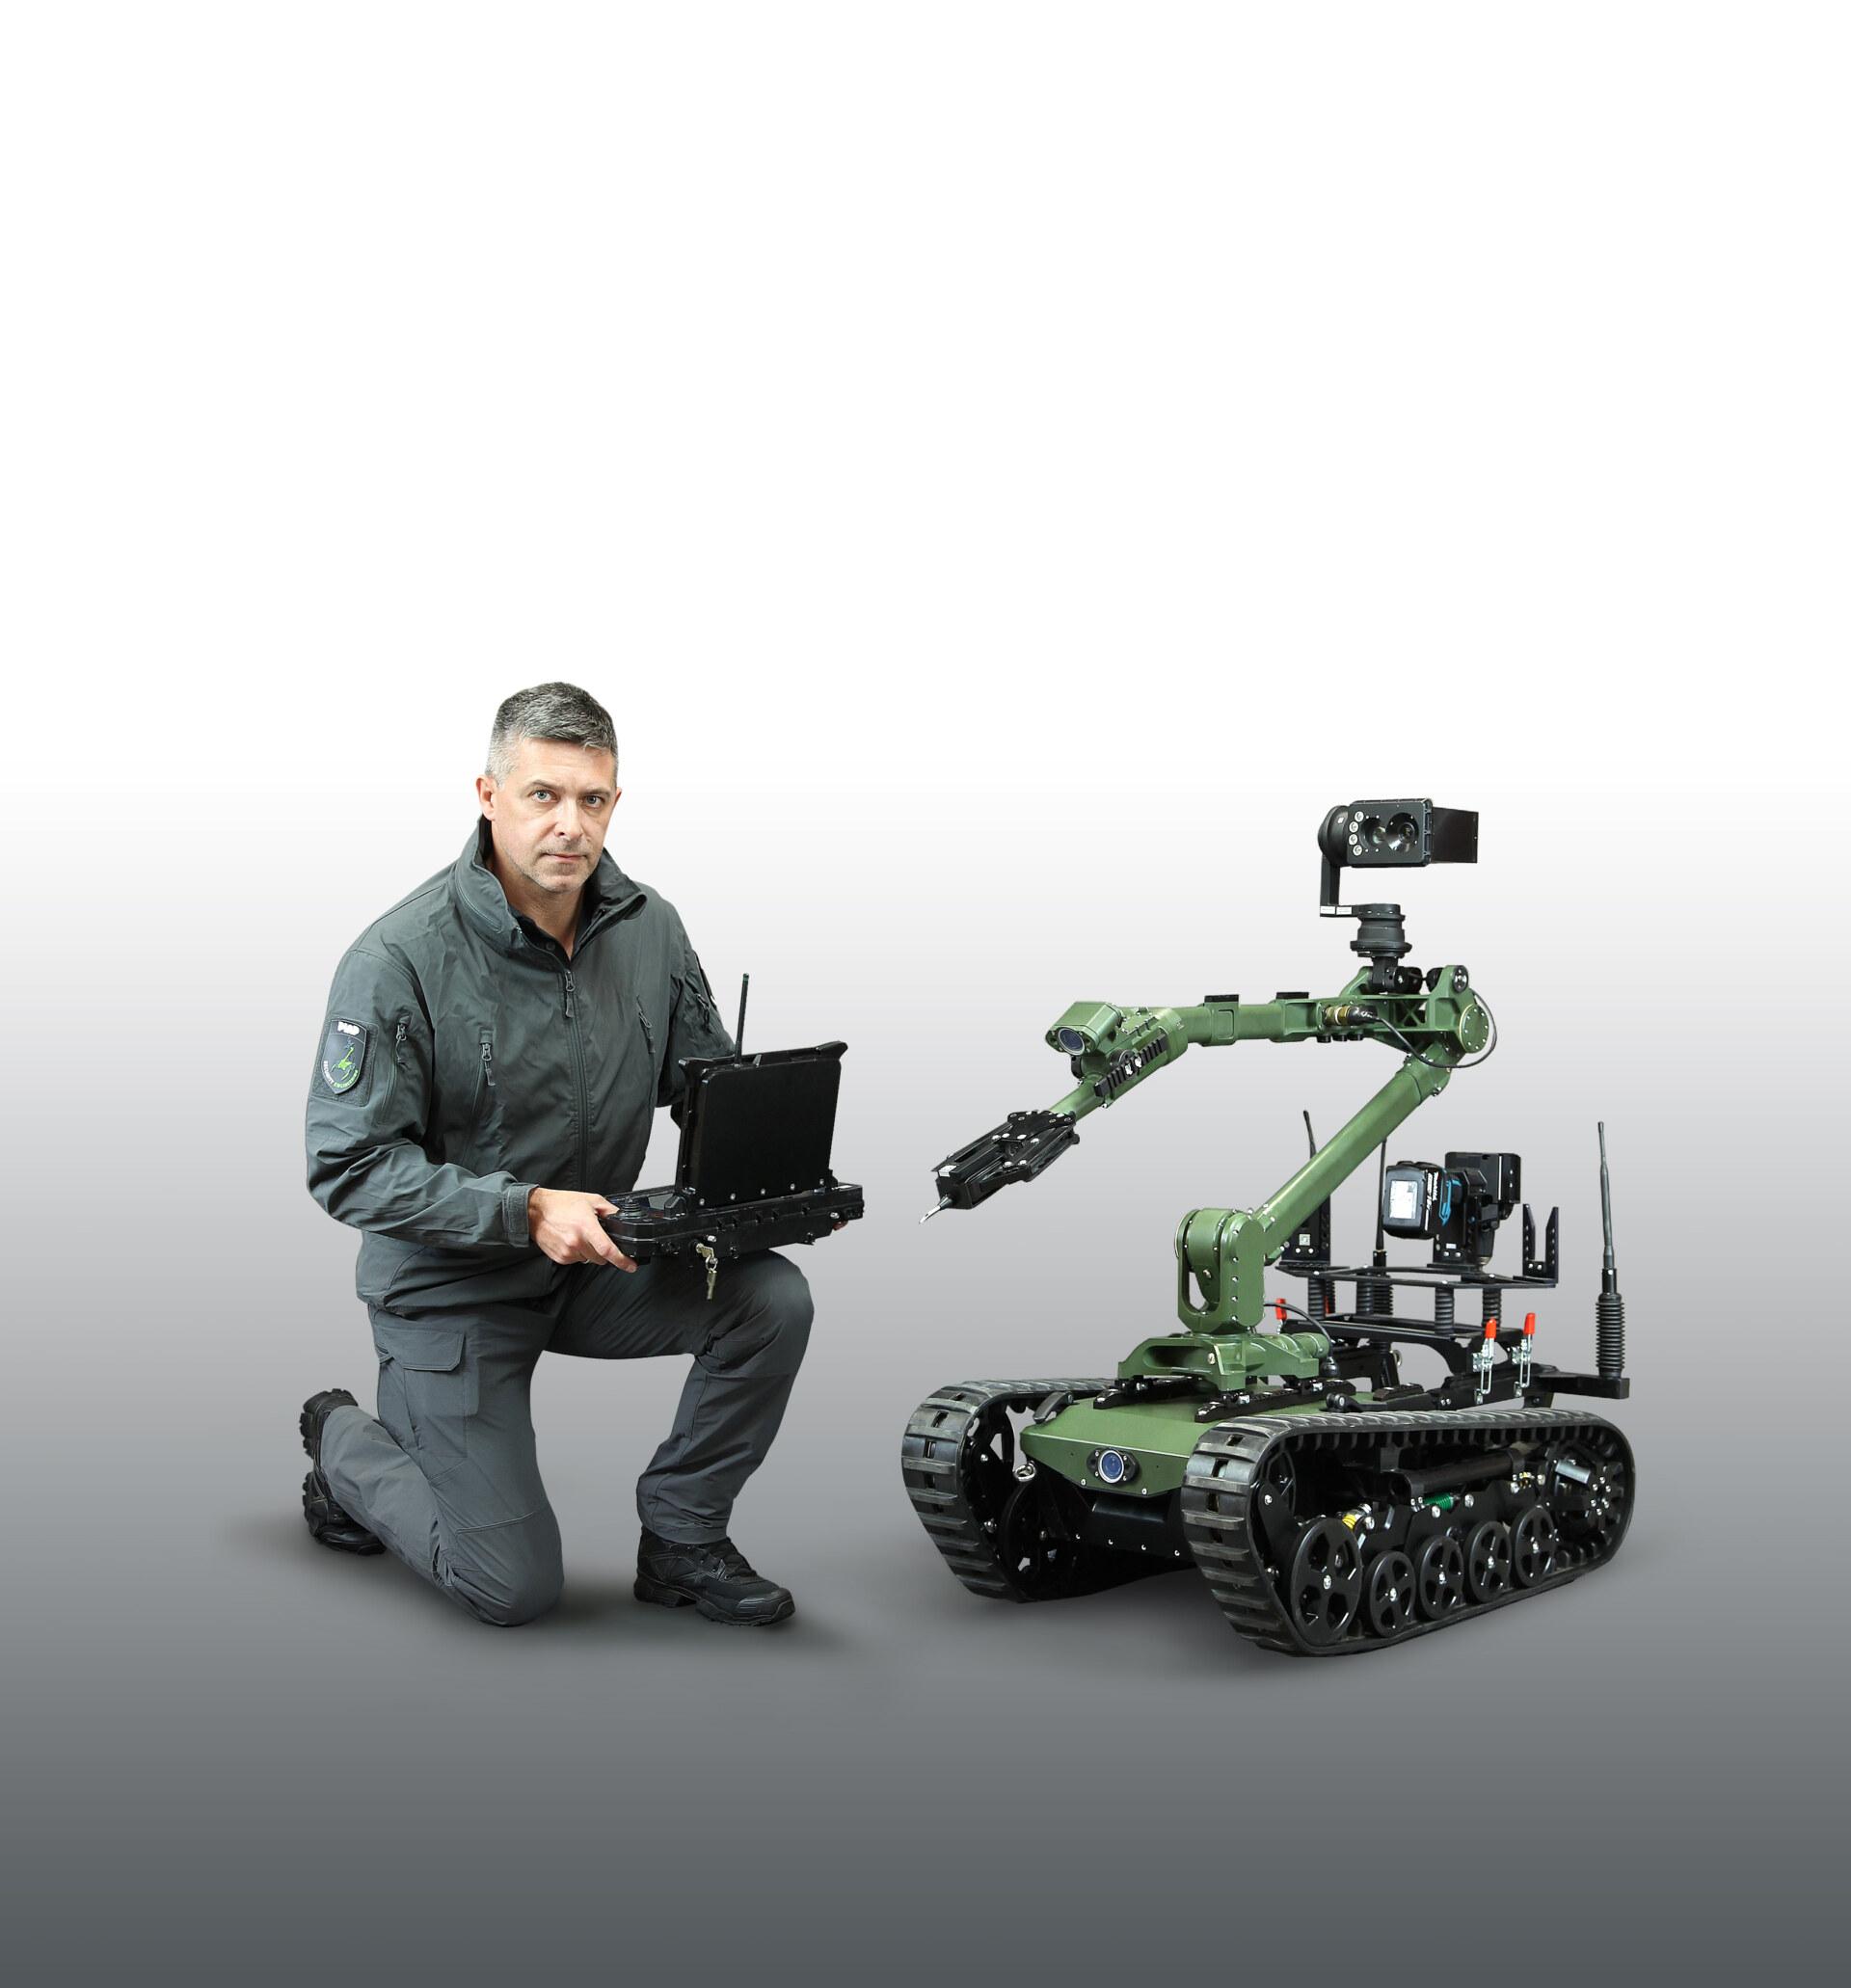 Łukasiewicz-PIAP-Robot RPP-z-operatorem-szare-tlo(2)